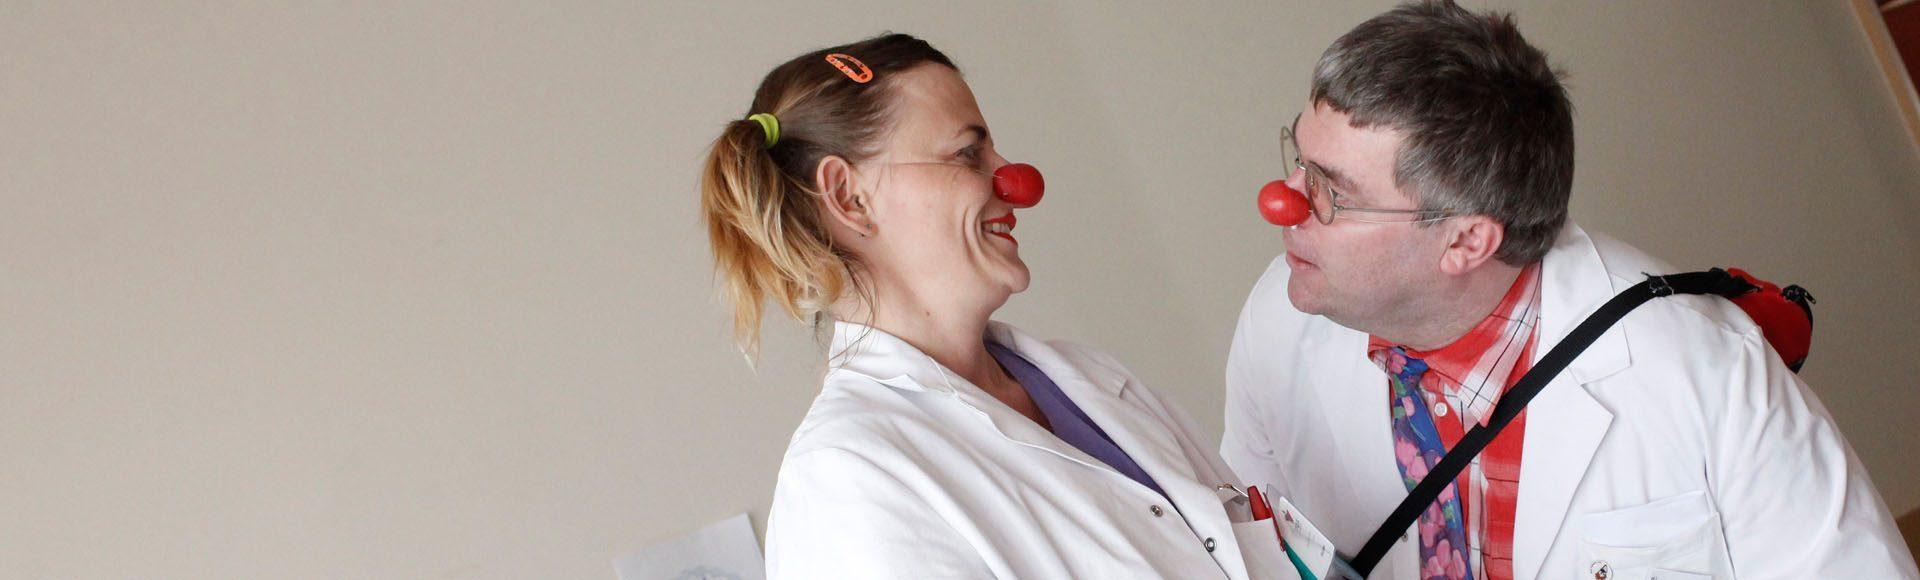 Lachen bis der Arzt kommt